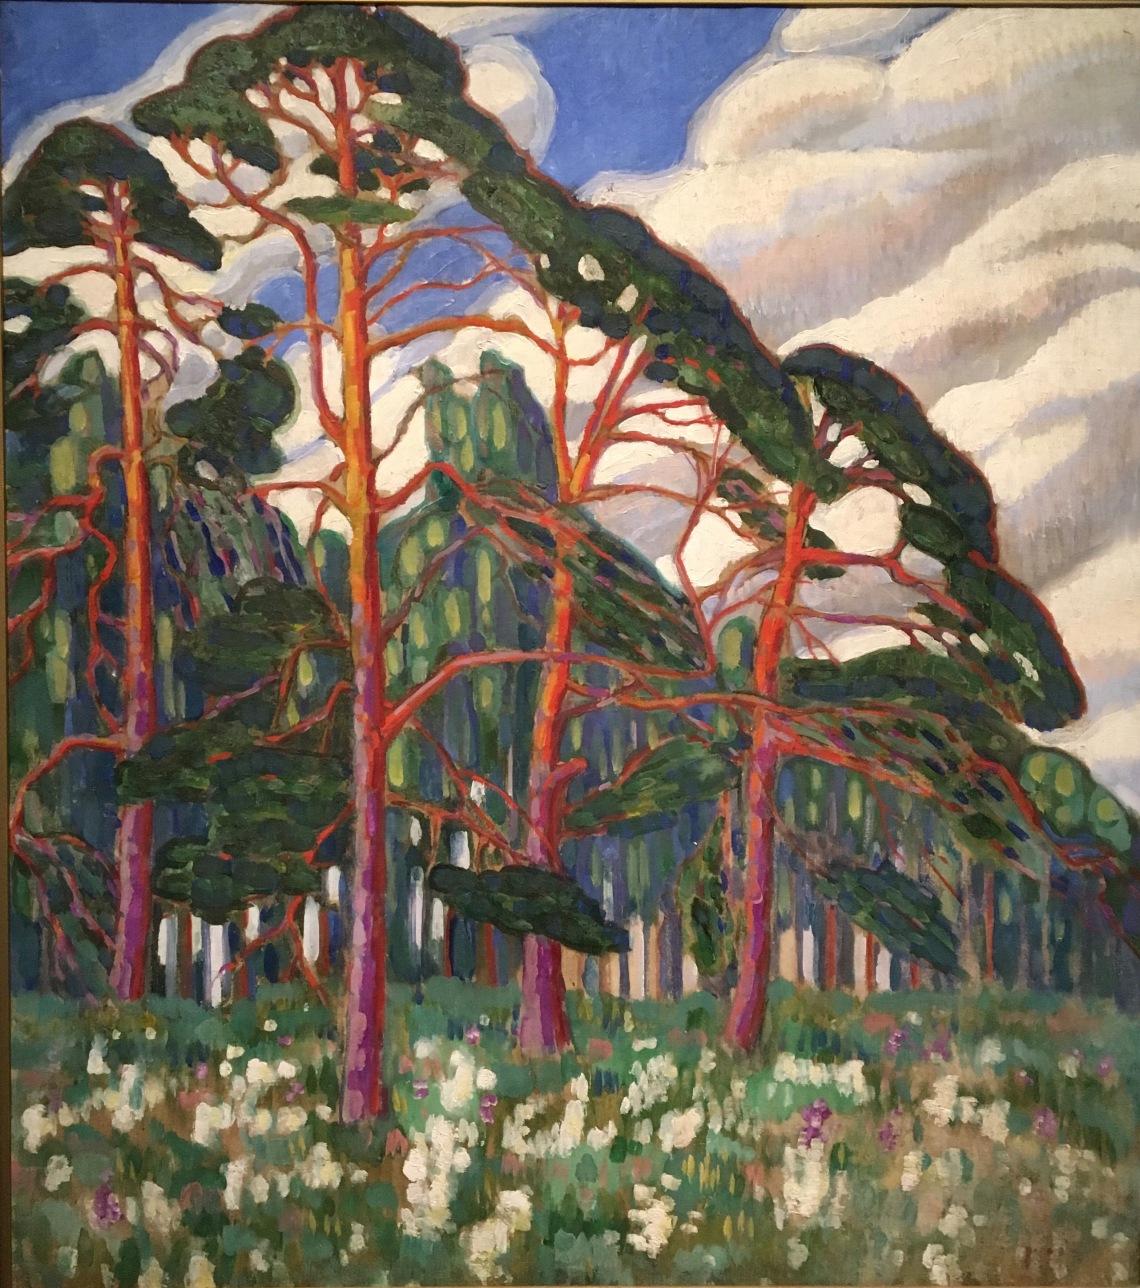 4.P.Baltes. Konrad mägi, 1878-1925, Motif de forêt, 1913 huile sur toile, Tallinn, musée d'Art d'Estonie